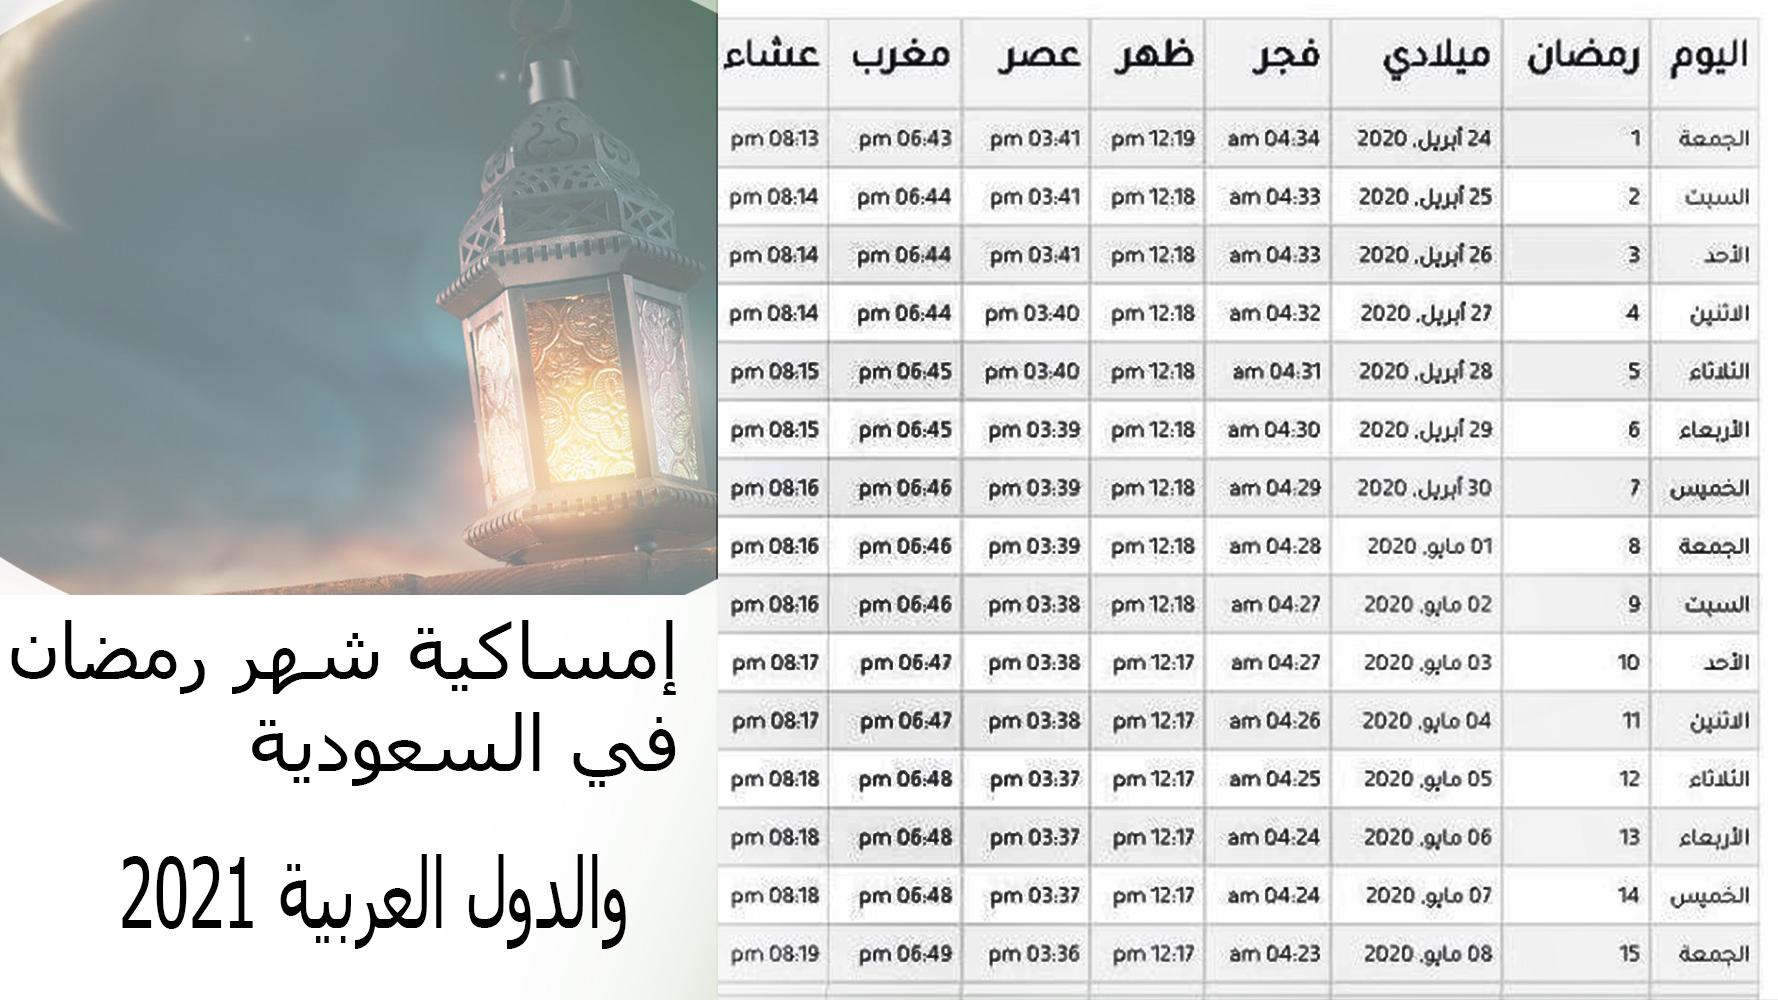 إمساكية شهر رمضان في السعودية والدول العربية 2021